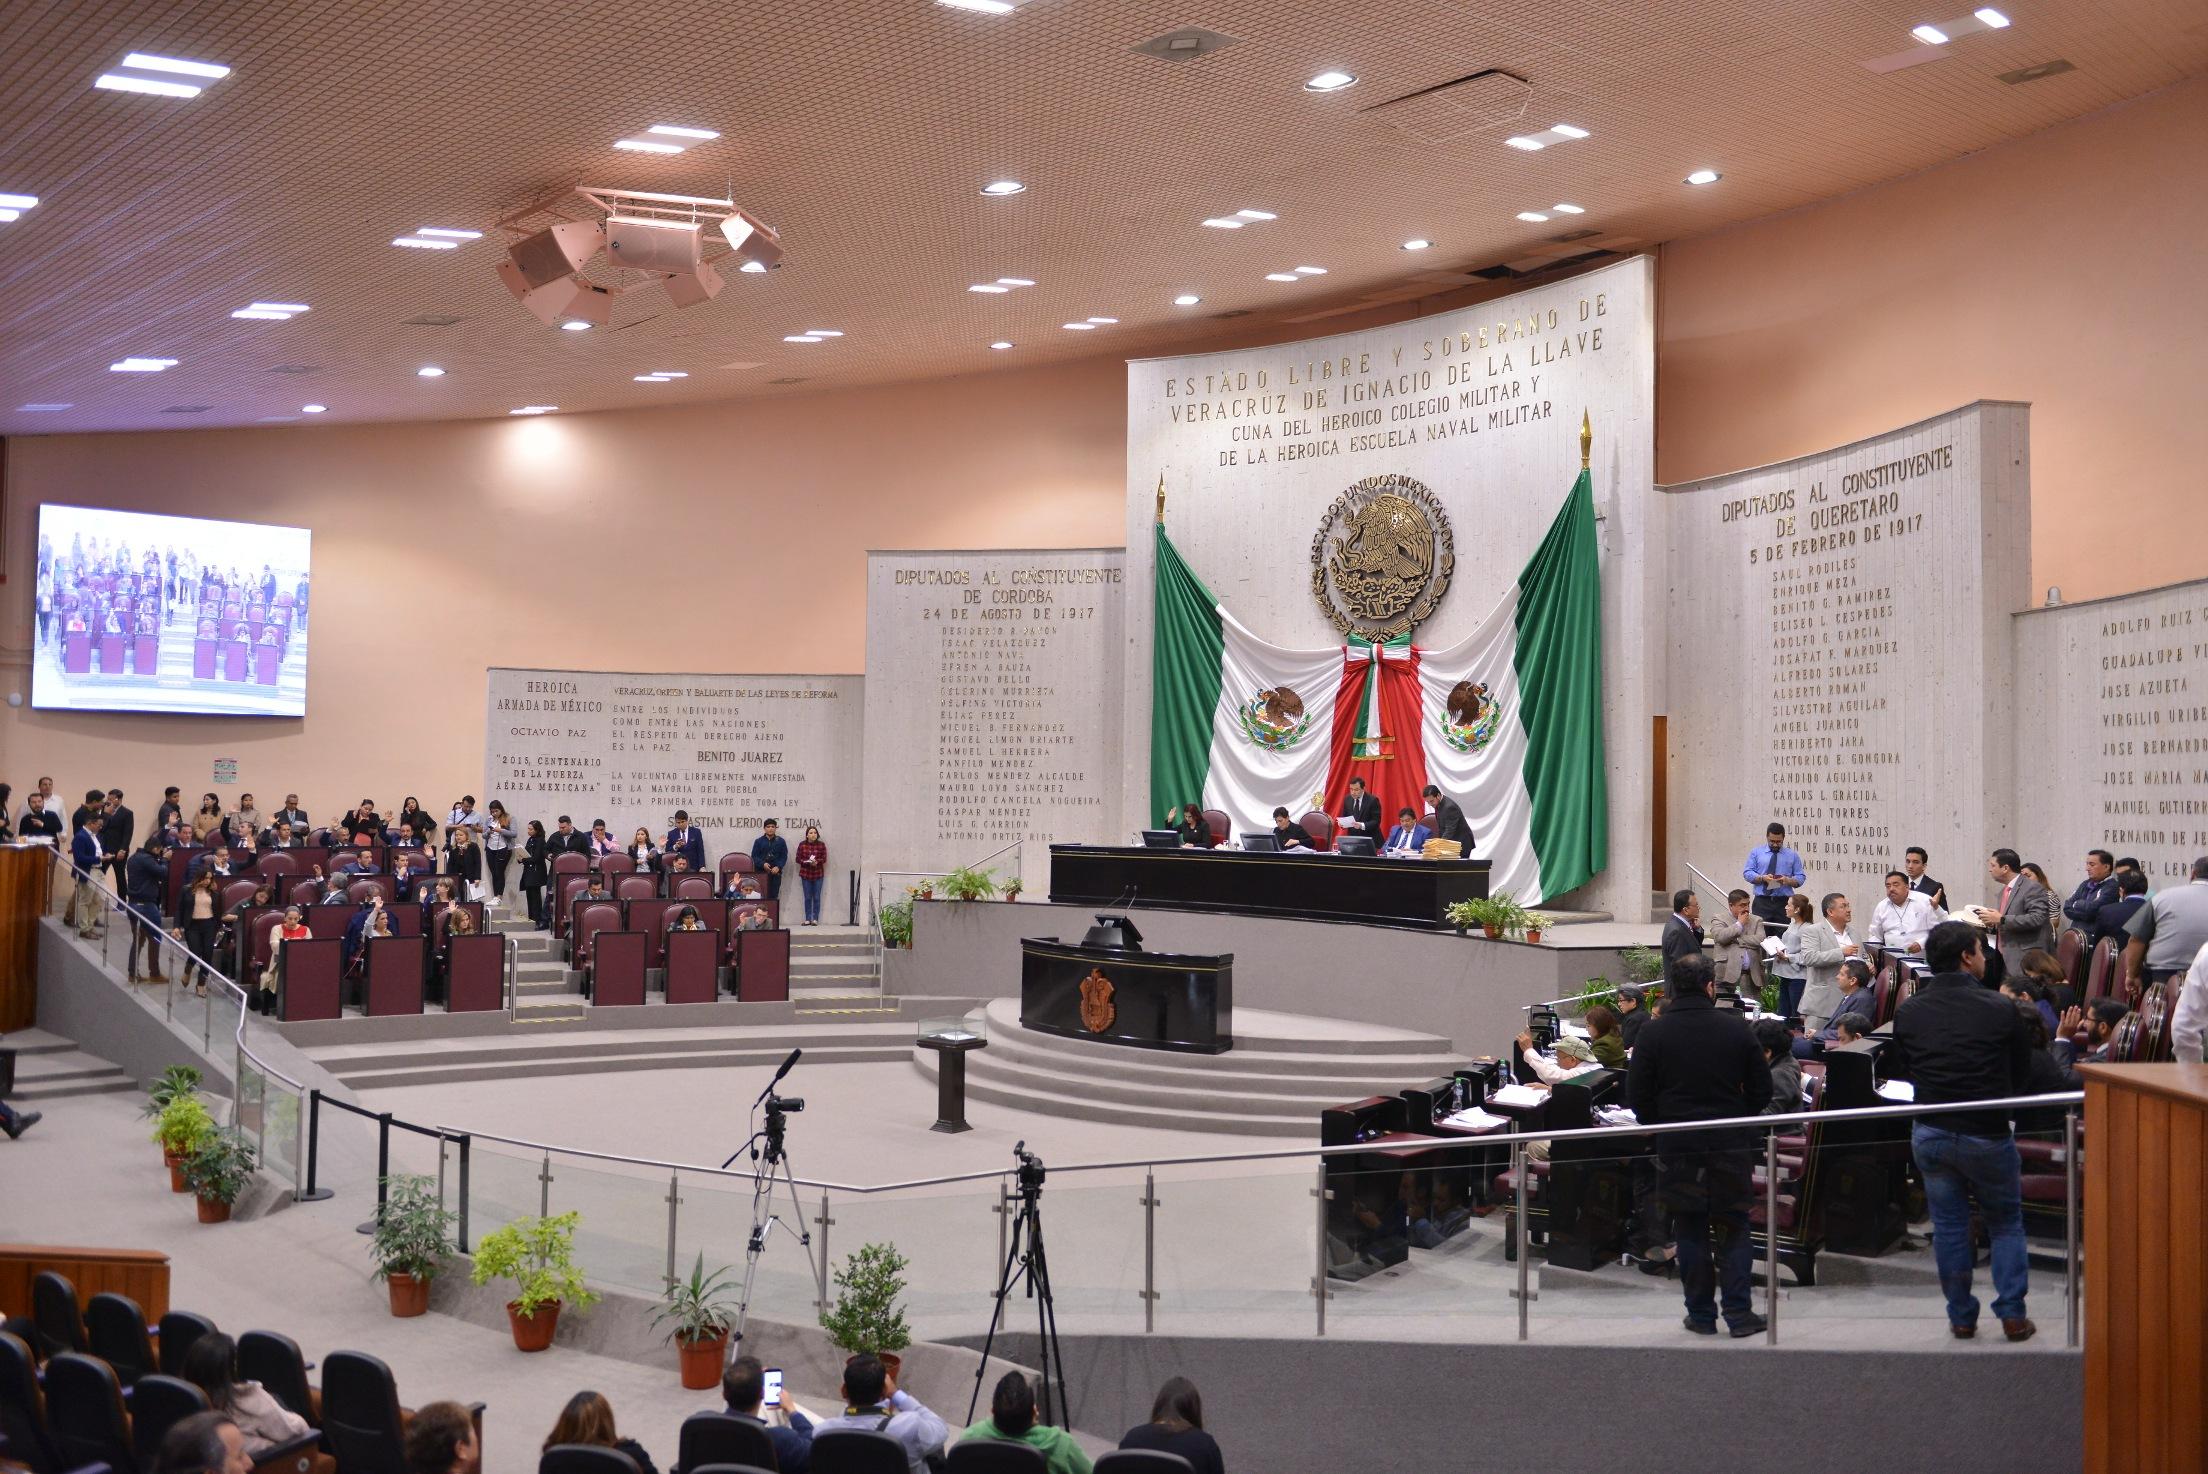 Rechazan diputados (as) reforma que elimina el fuero constitucional